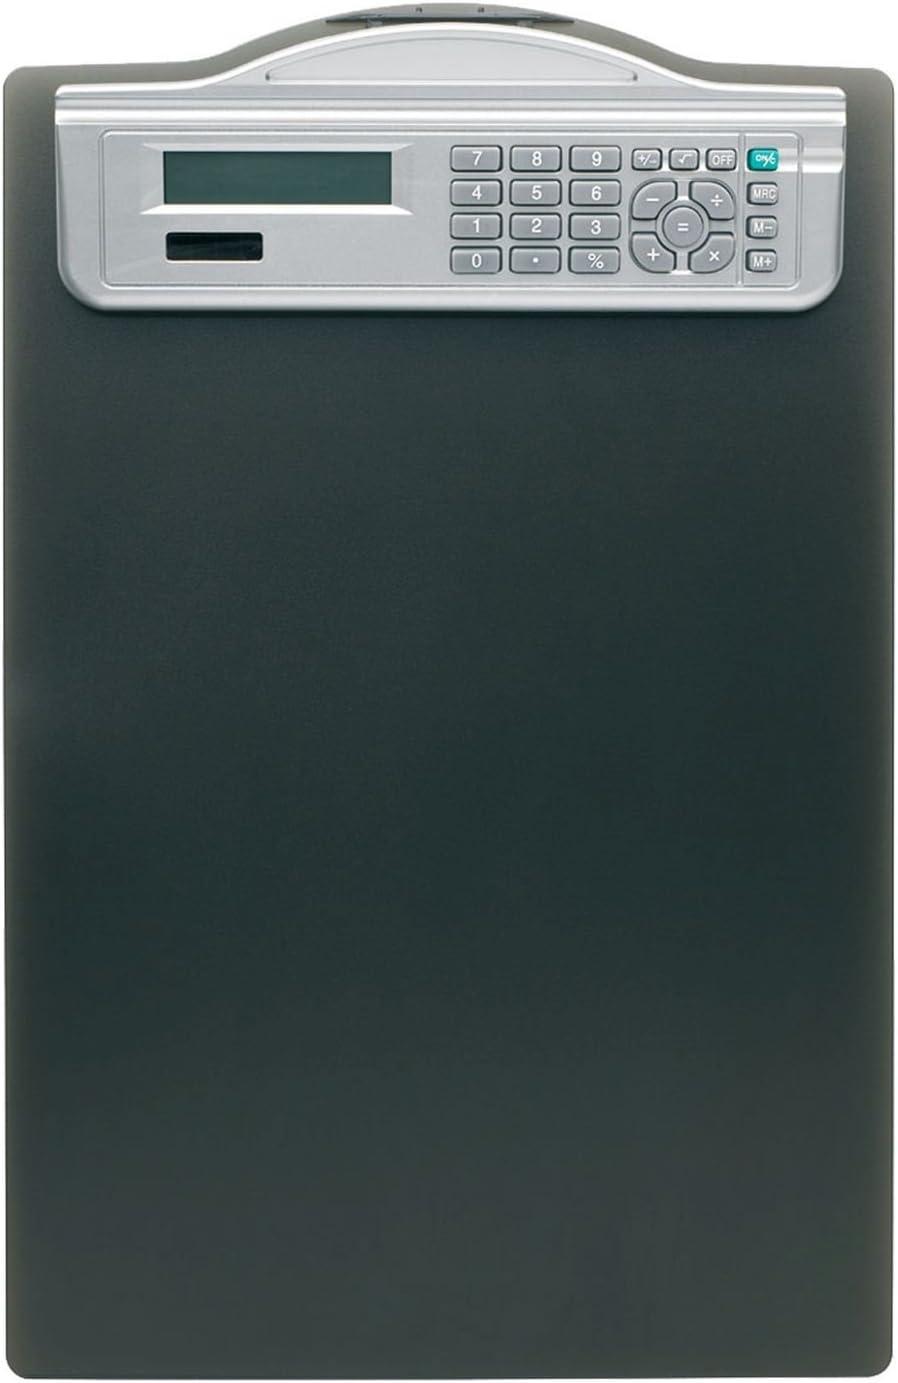 6er Sparpack Alco-Albert 5518-11 Klemmbrett mit Solarrechner 6 Ma/ßeinteilung schwarz DIN A4